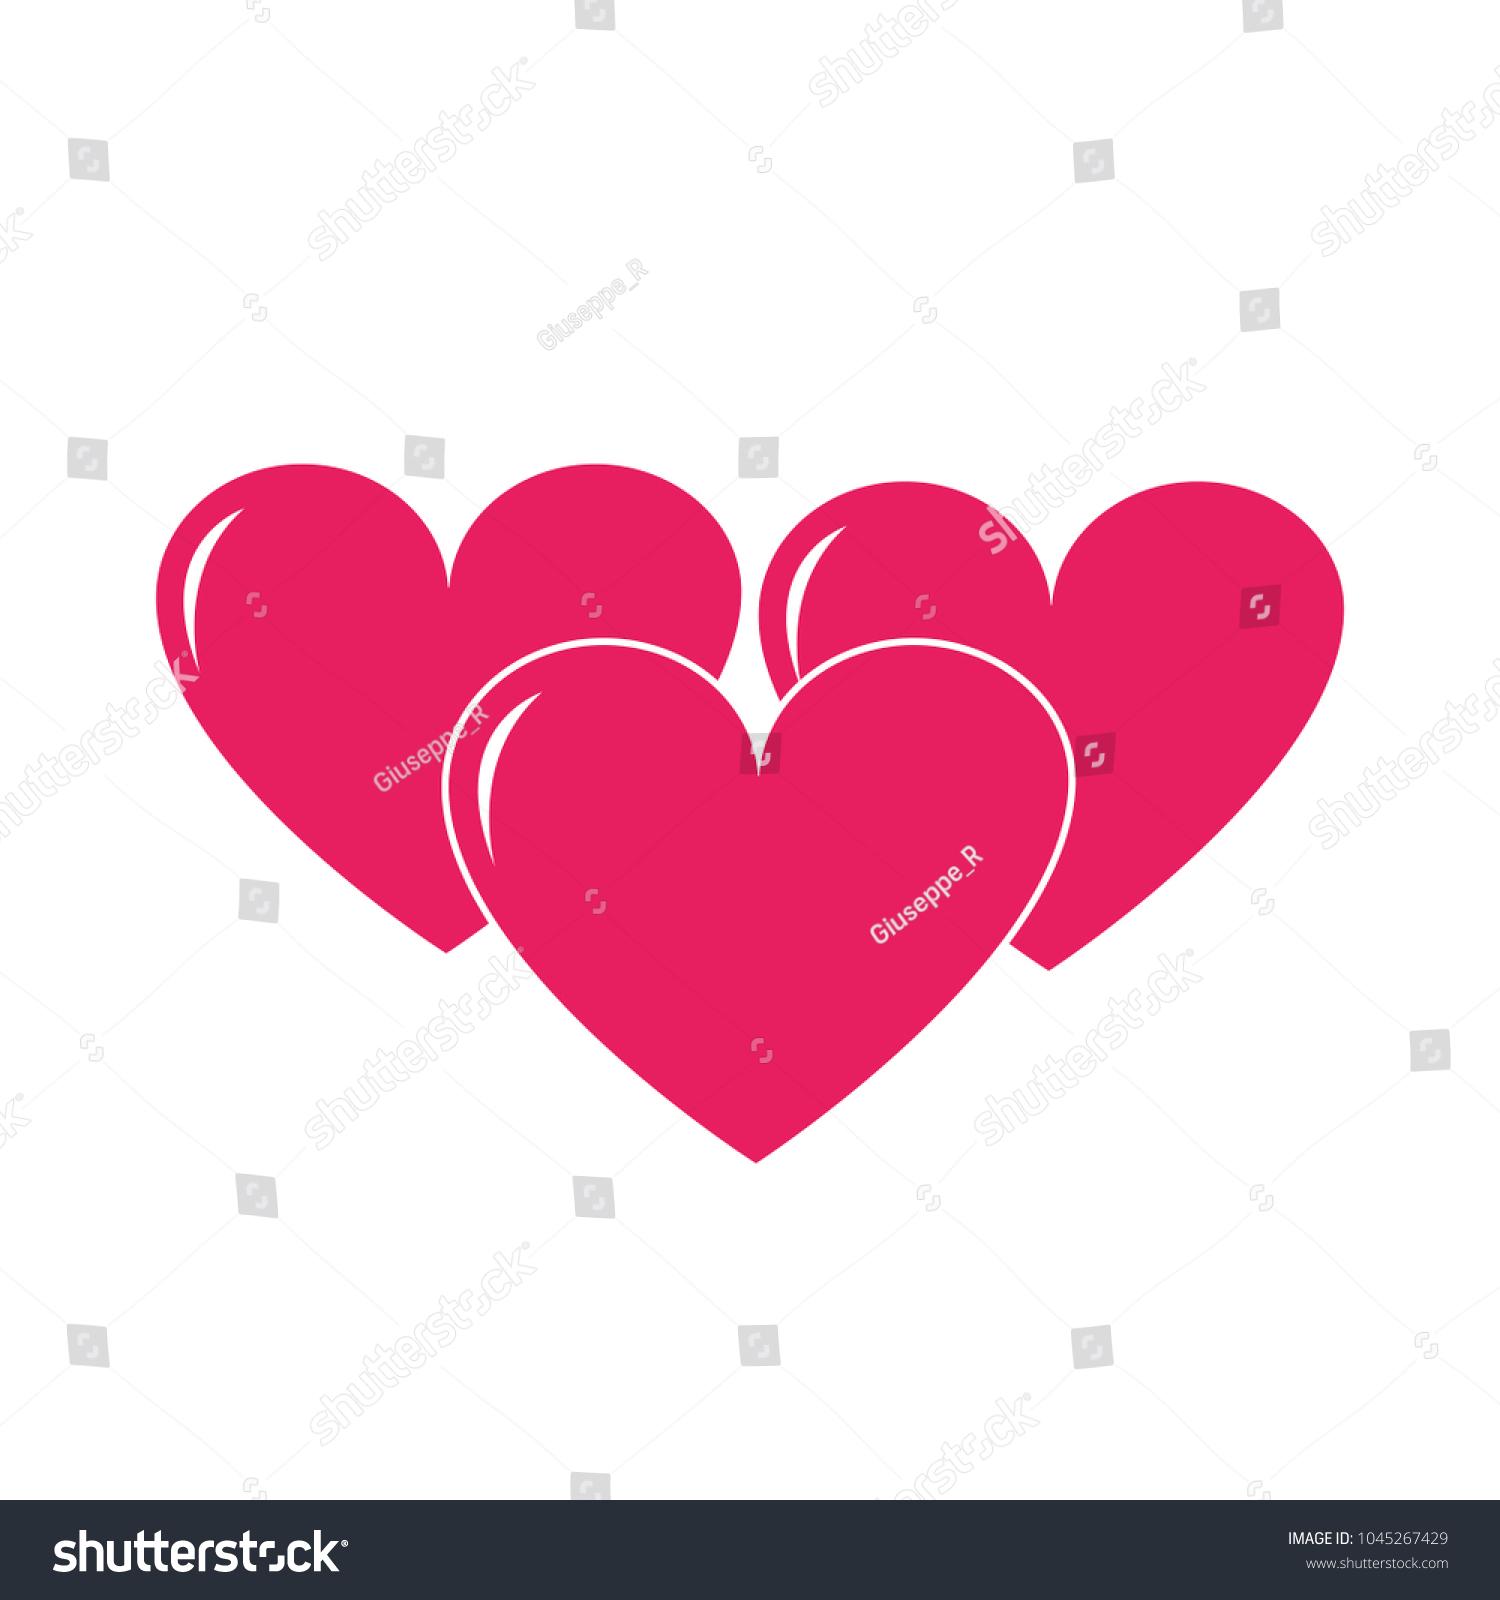 Colorful Hearts Love Symbol Passion Design Stock Photo Photo